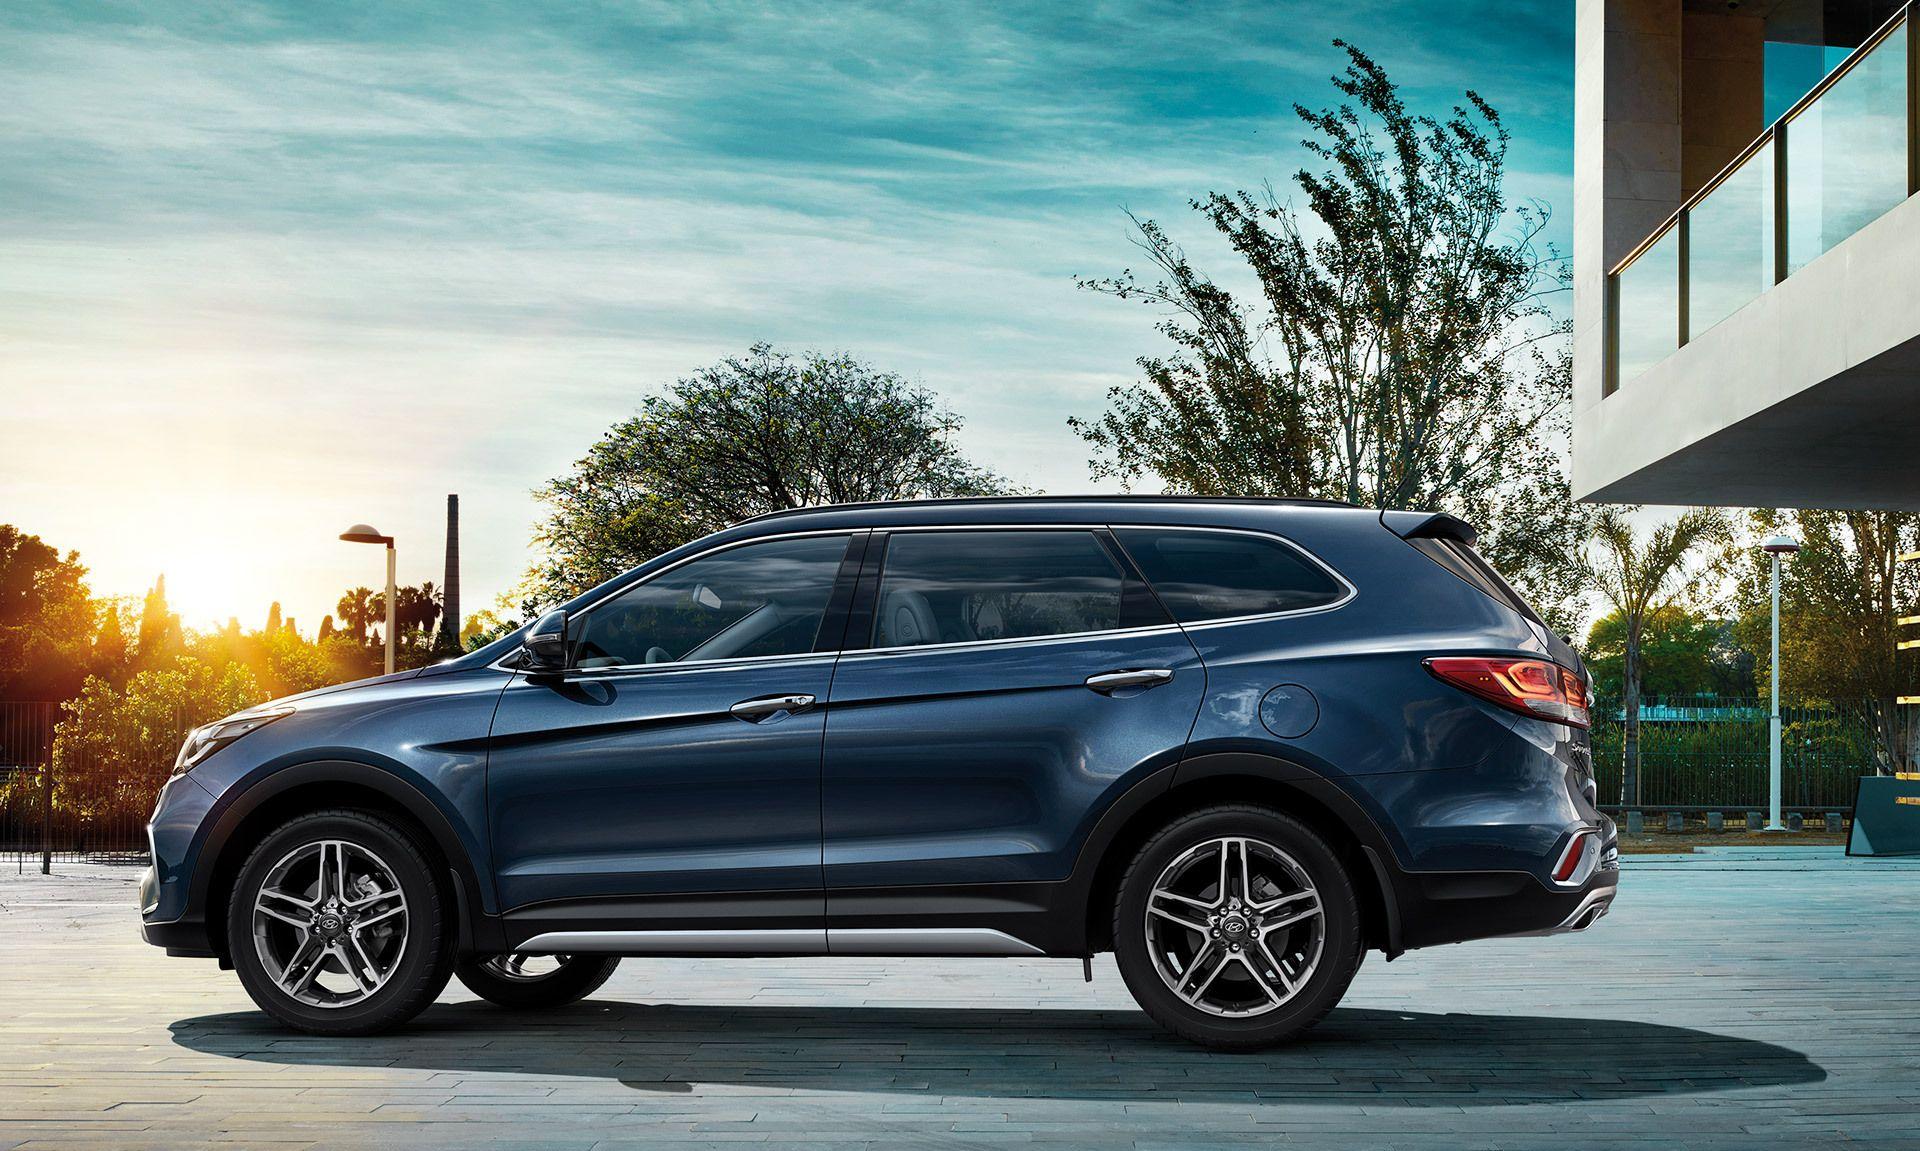 Hyundai-Grand-Santa-Fe-Verificare-VIN